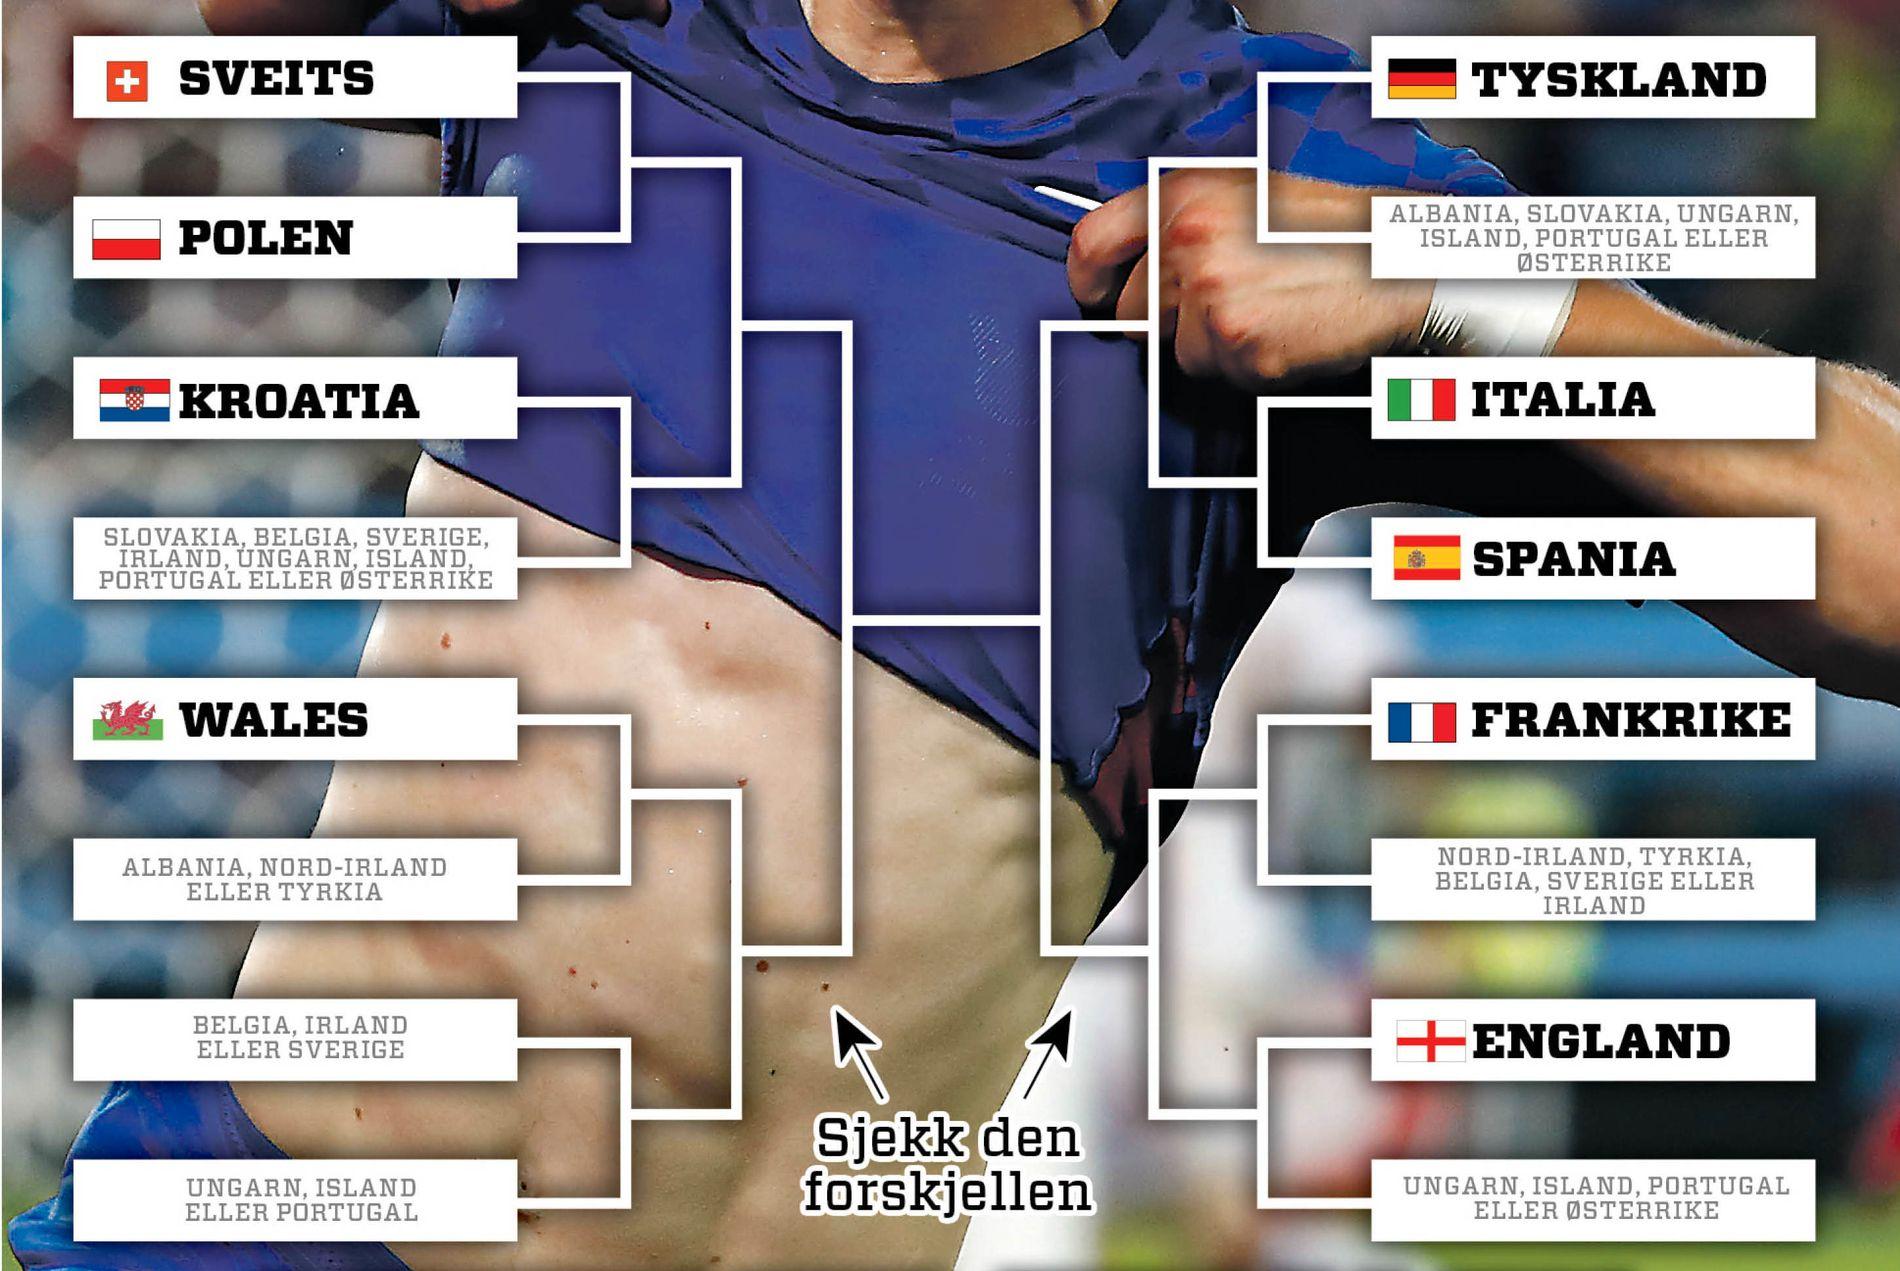 OVERSIKTEN: Italia og Spania møtes allerede i åttedelsfinalen i EM. Vinneren av den kampen møter trolig Tyskland. Du trenger ikke vente til finalen med å få se storkamper, i hvert fall!